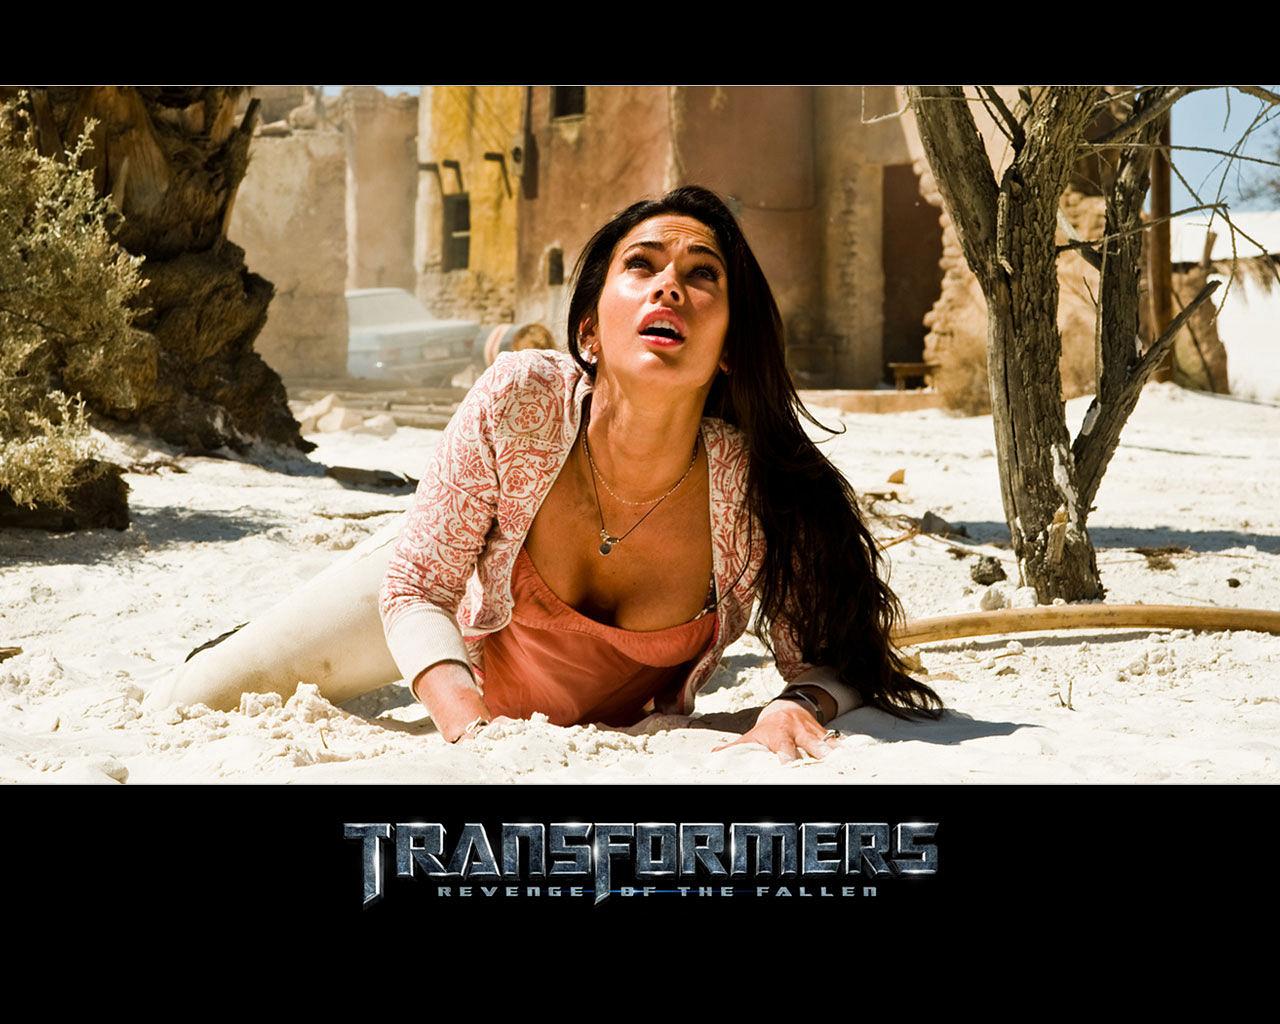 Megan Fox Transformers 2 1280x1024 1280x1024